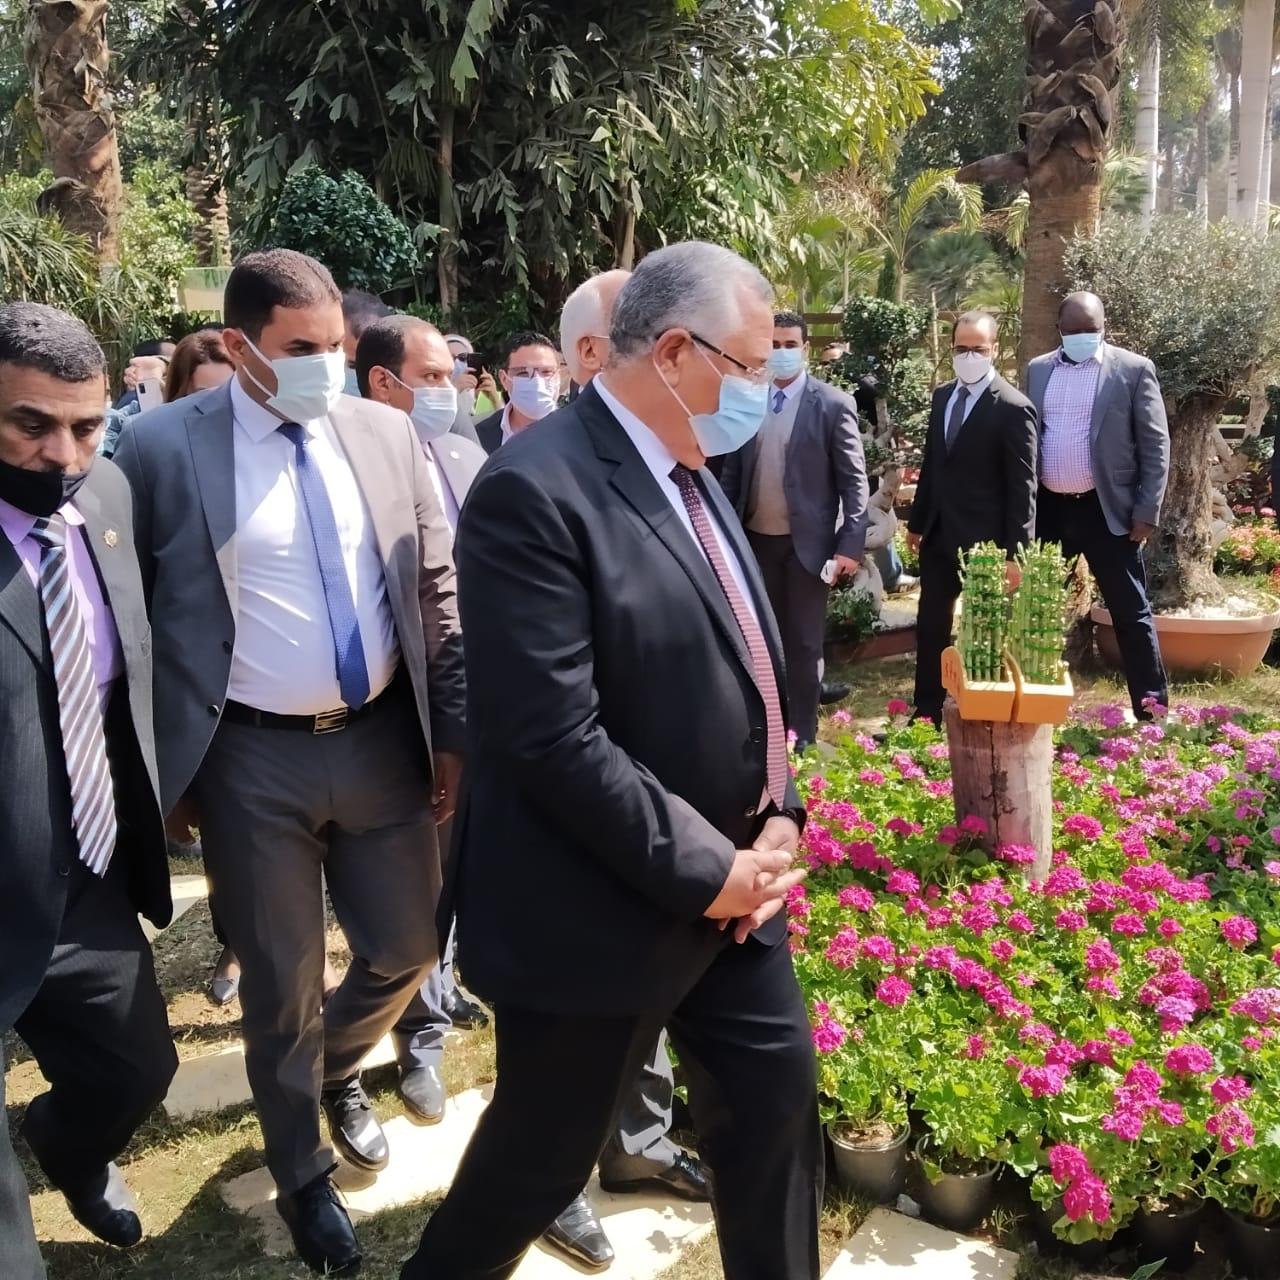 وزيرا الزراعة والشباب ومحافظ الجيزة يفتتحون معرض زهور الربيع بالأورمان